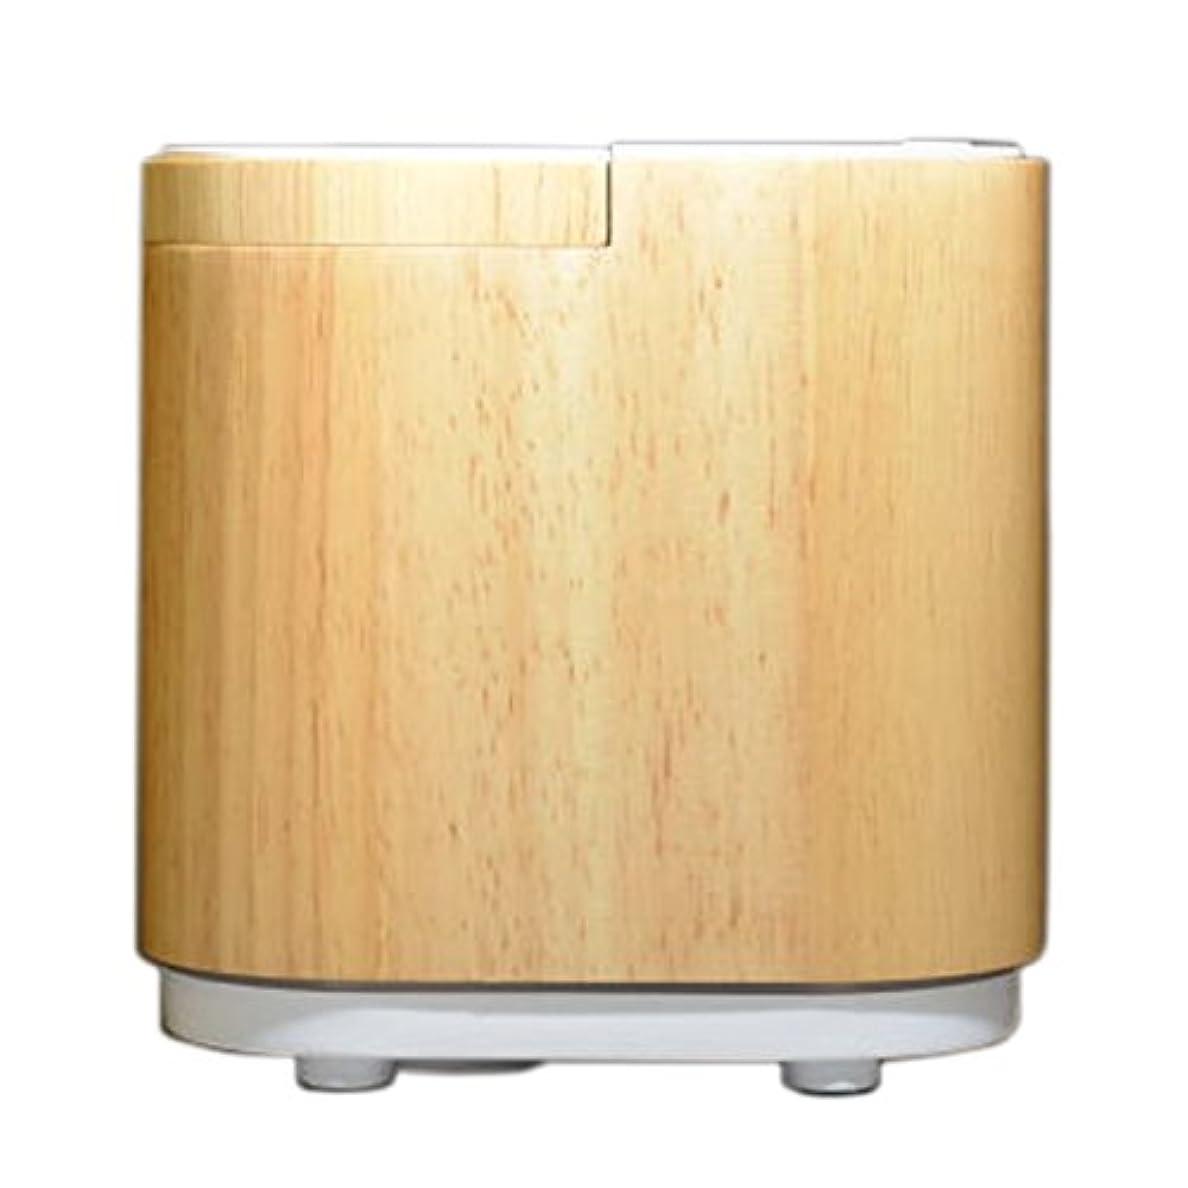 頭感心する血生活の木 アロモアウッド [aromore] エッセンシャルオイルディフューザー アロマディフューザー